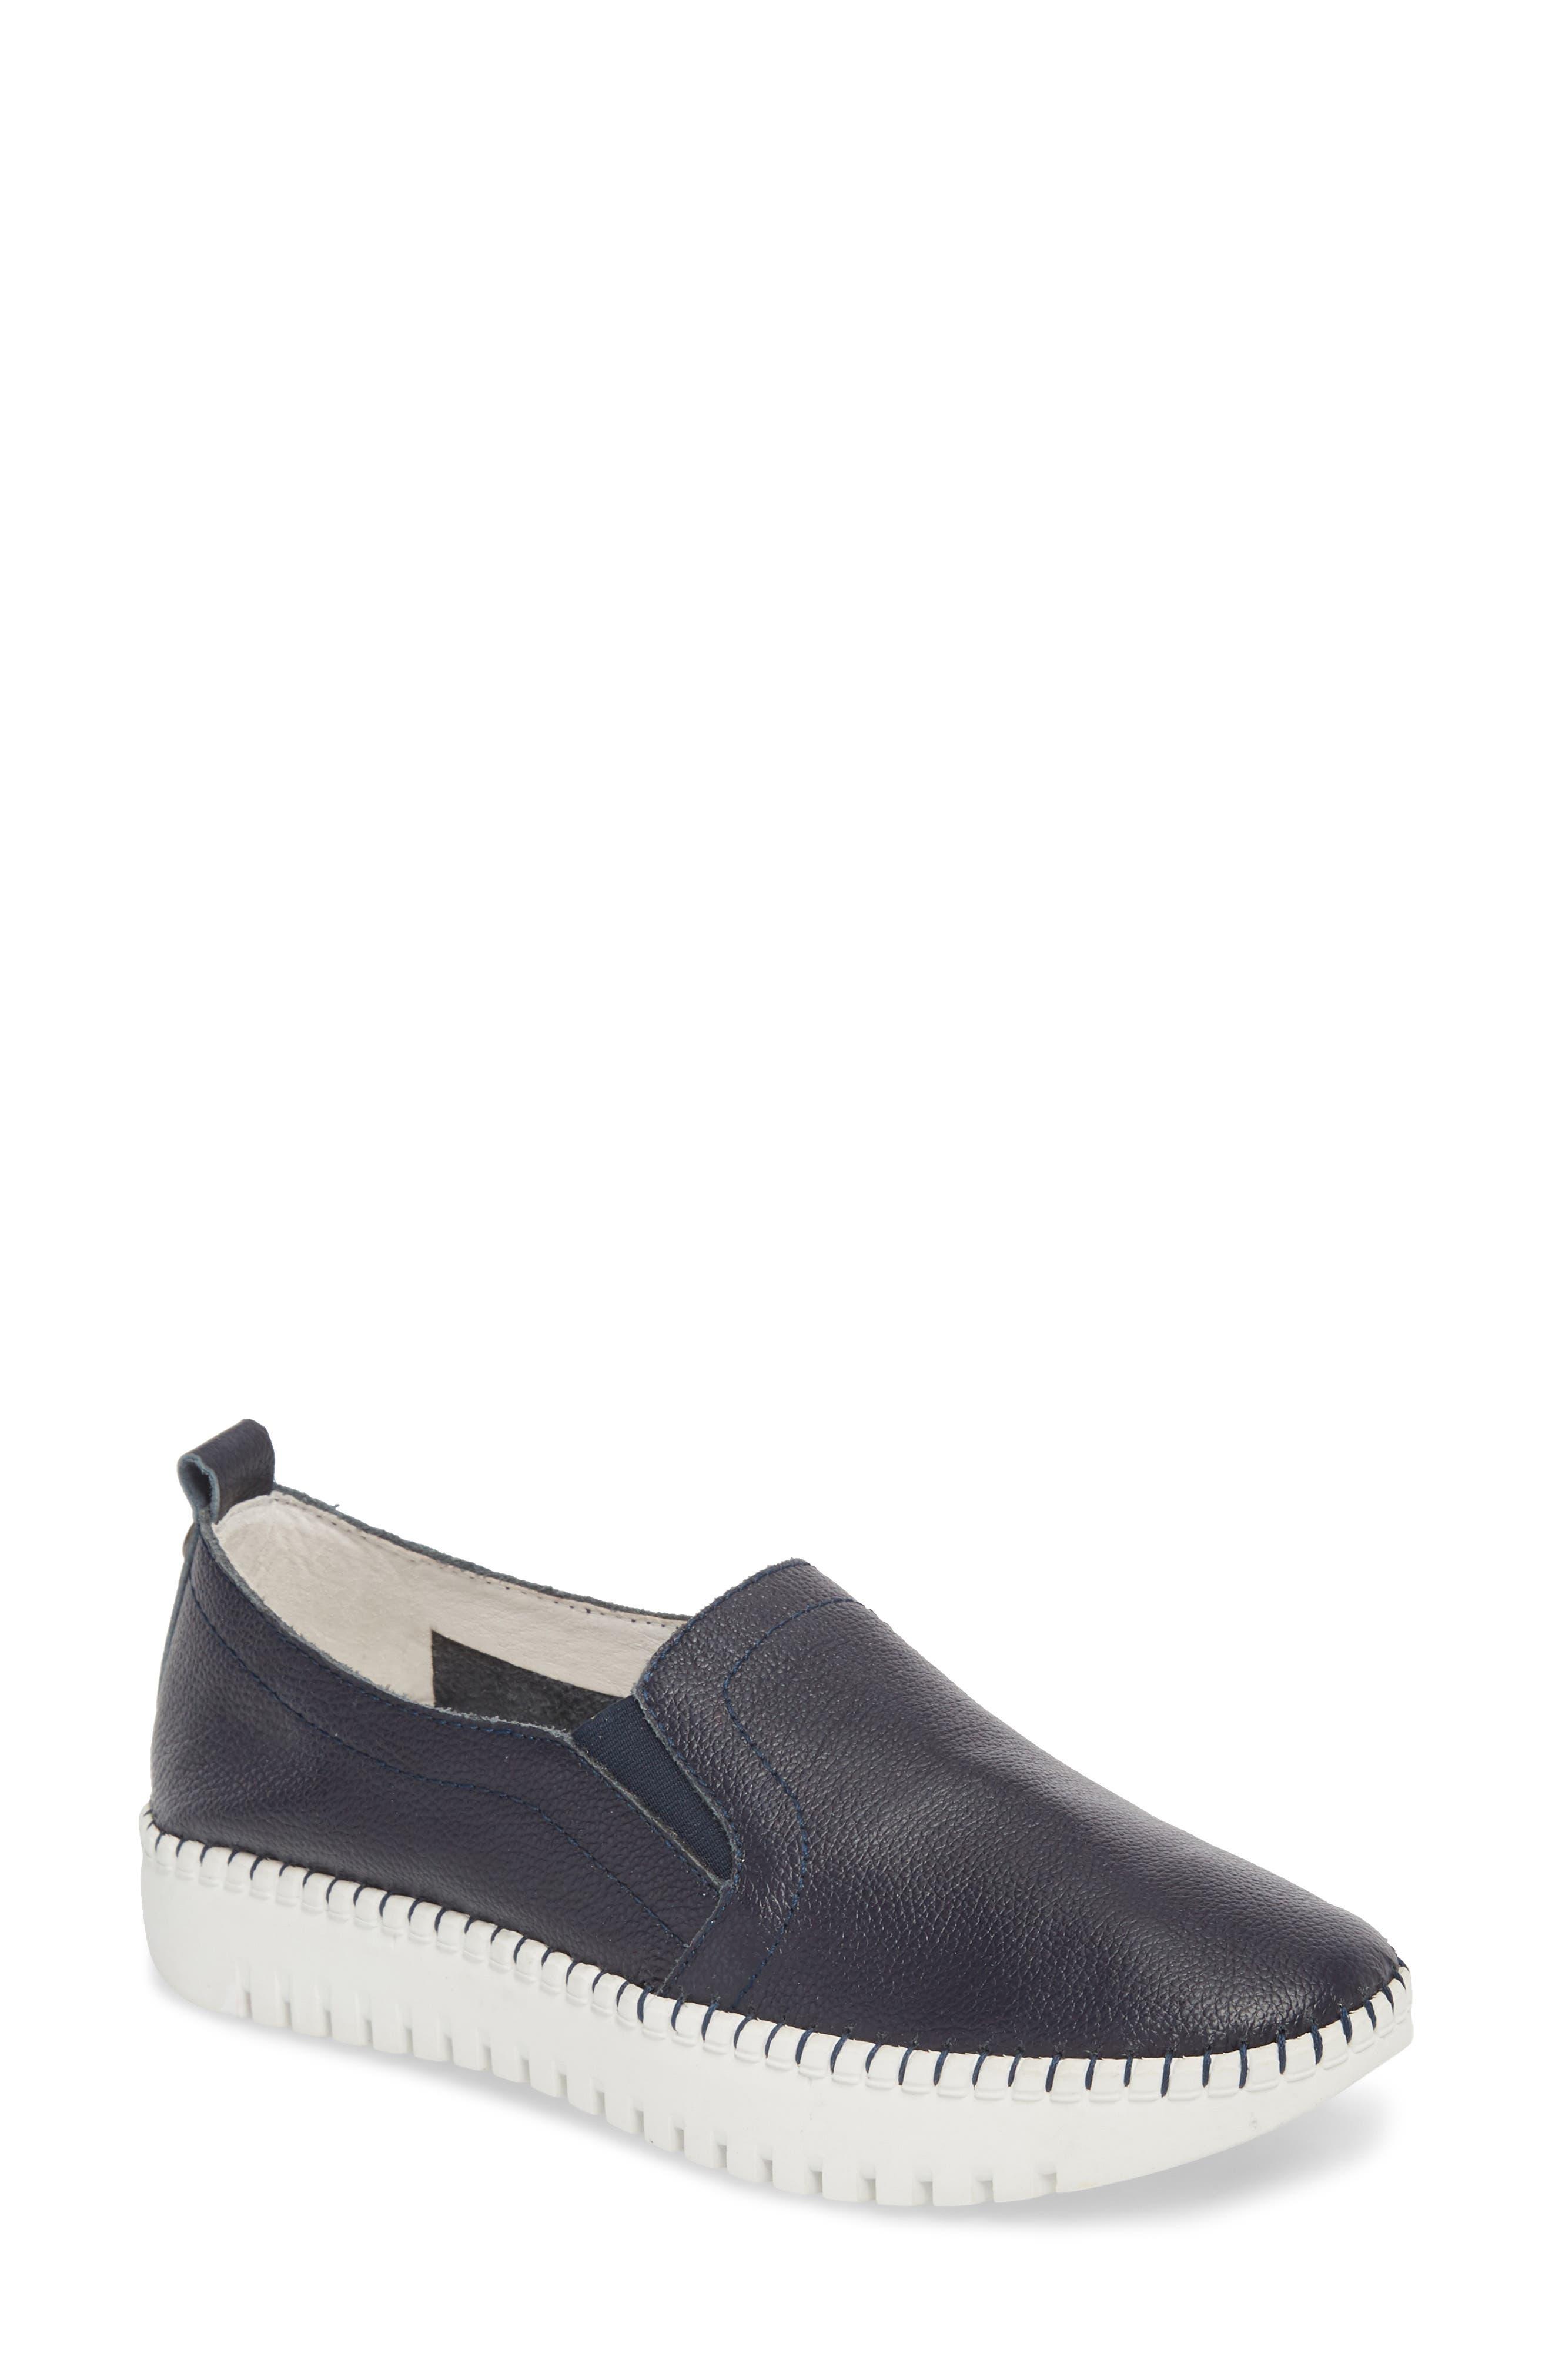 bernie mev. TW 82 Sneaker (Women)